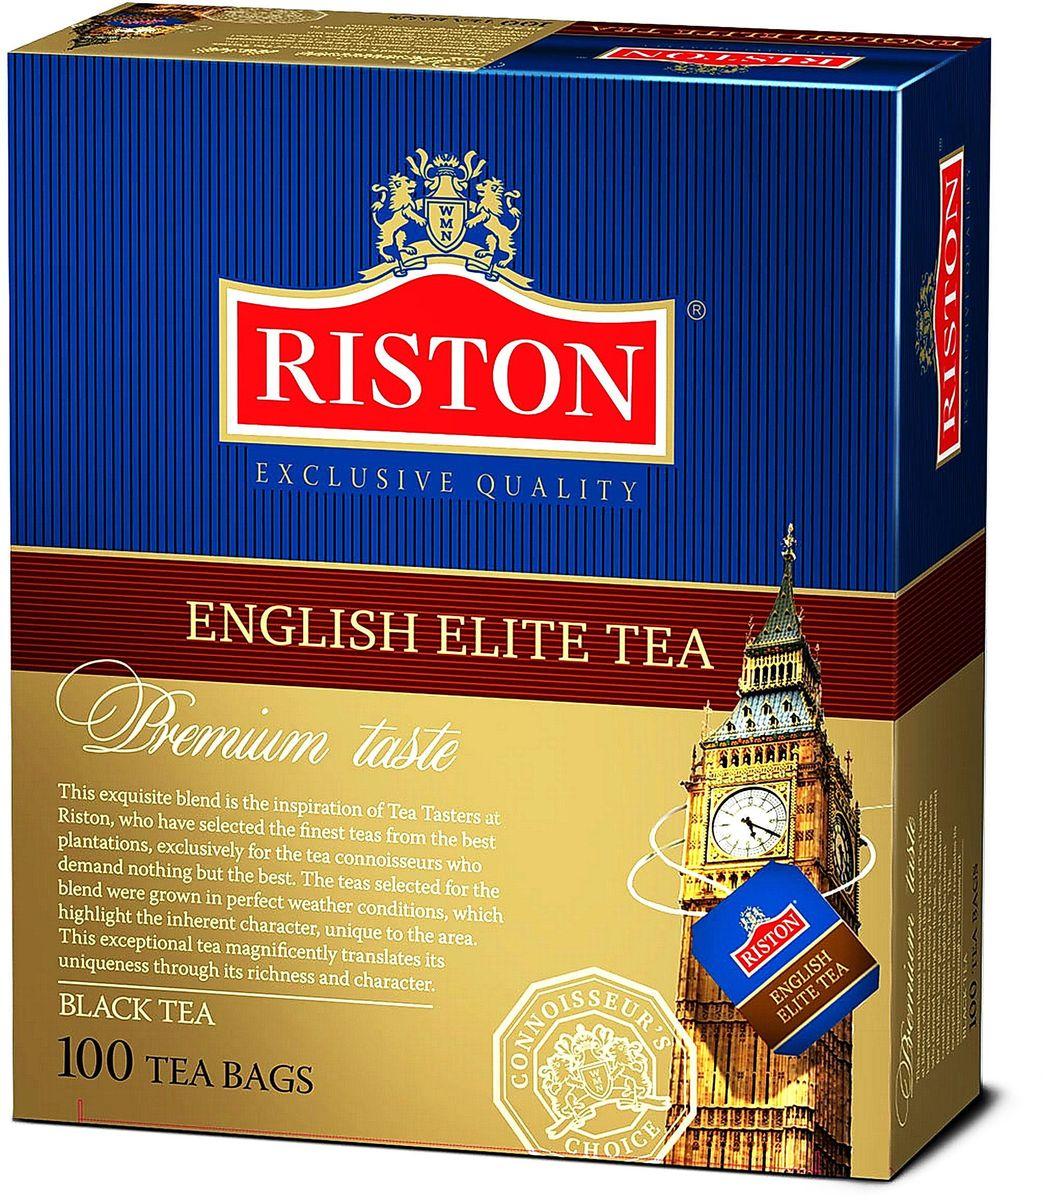 Riston Элитный Английский черный чай в пакетиках, 100 шт riston фруктовое ассорти черный чай в пакетиках 25 шт